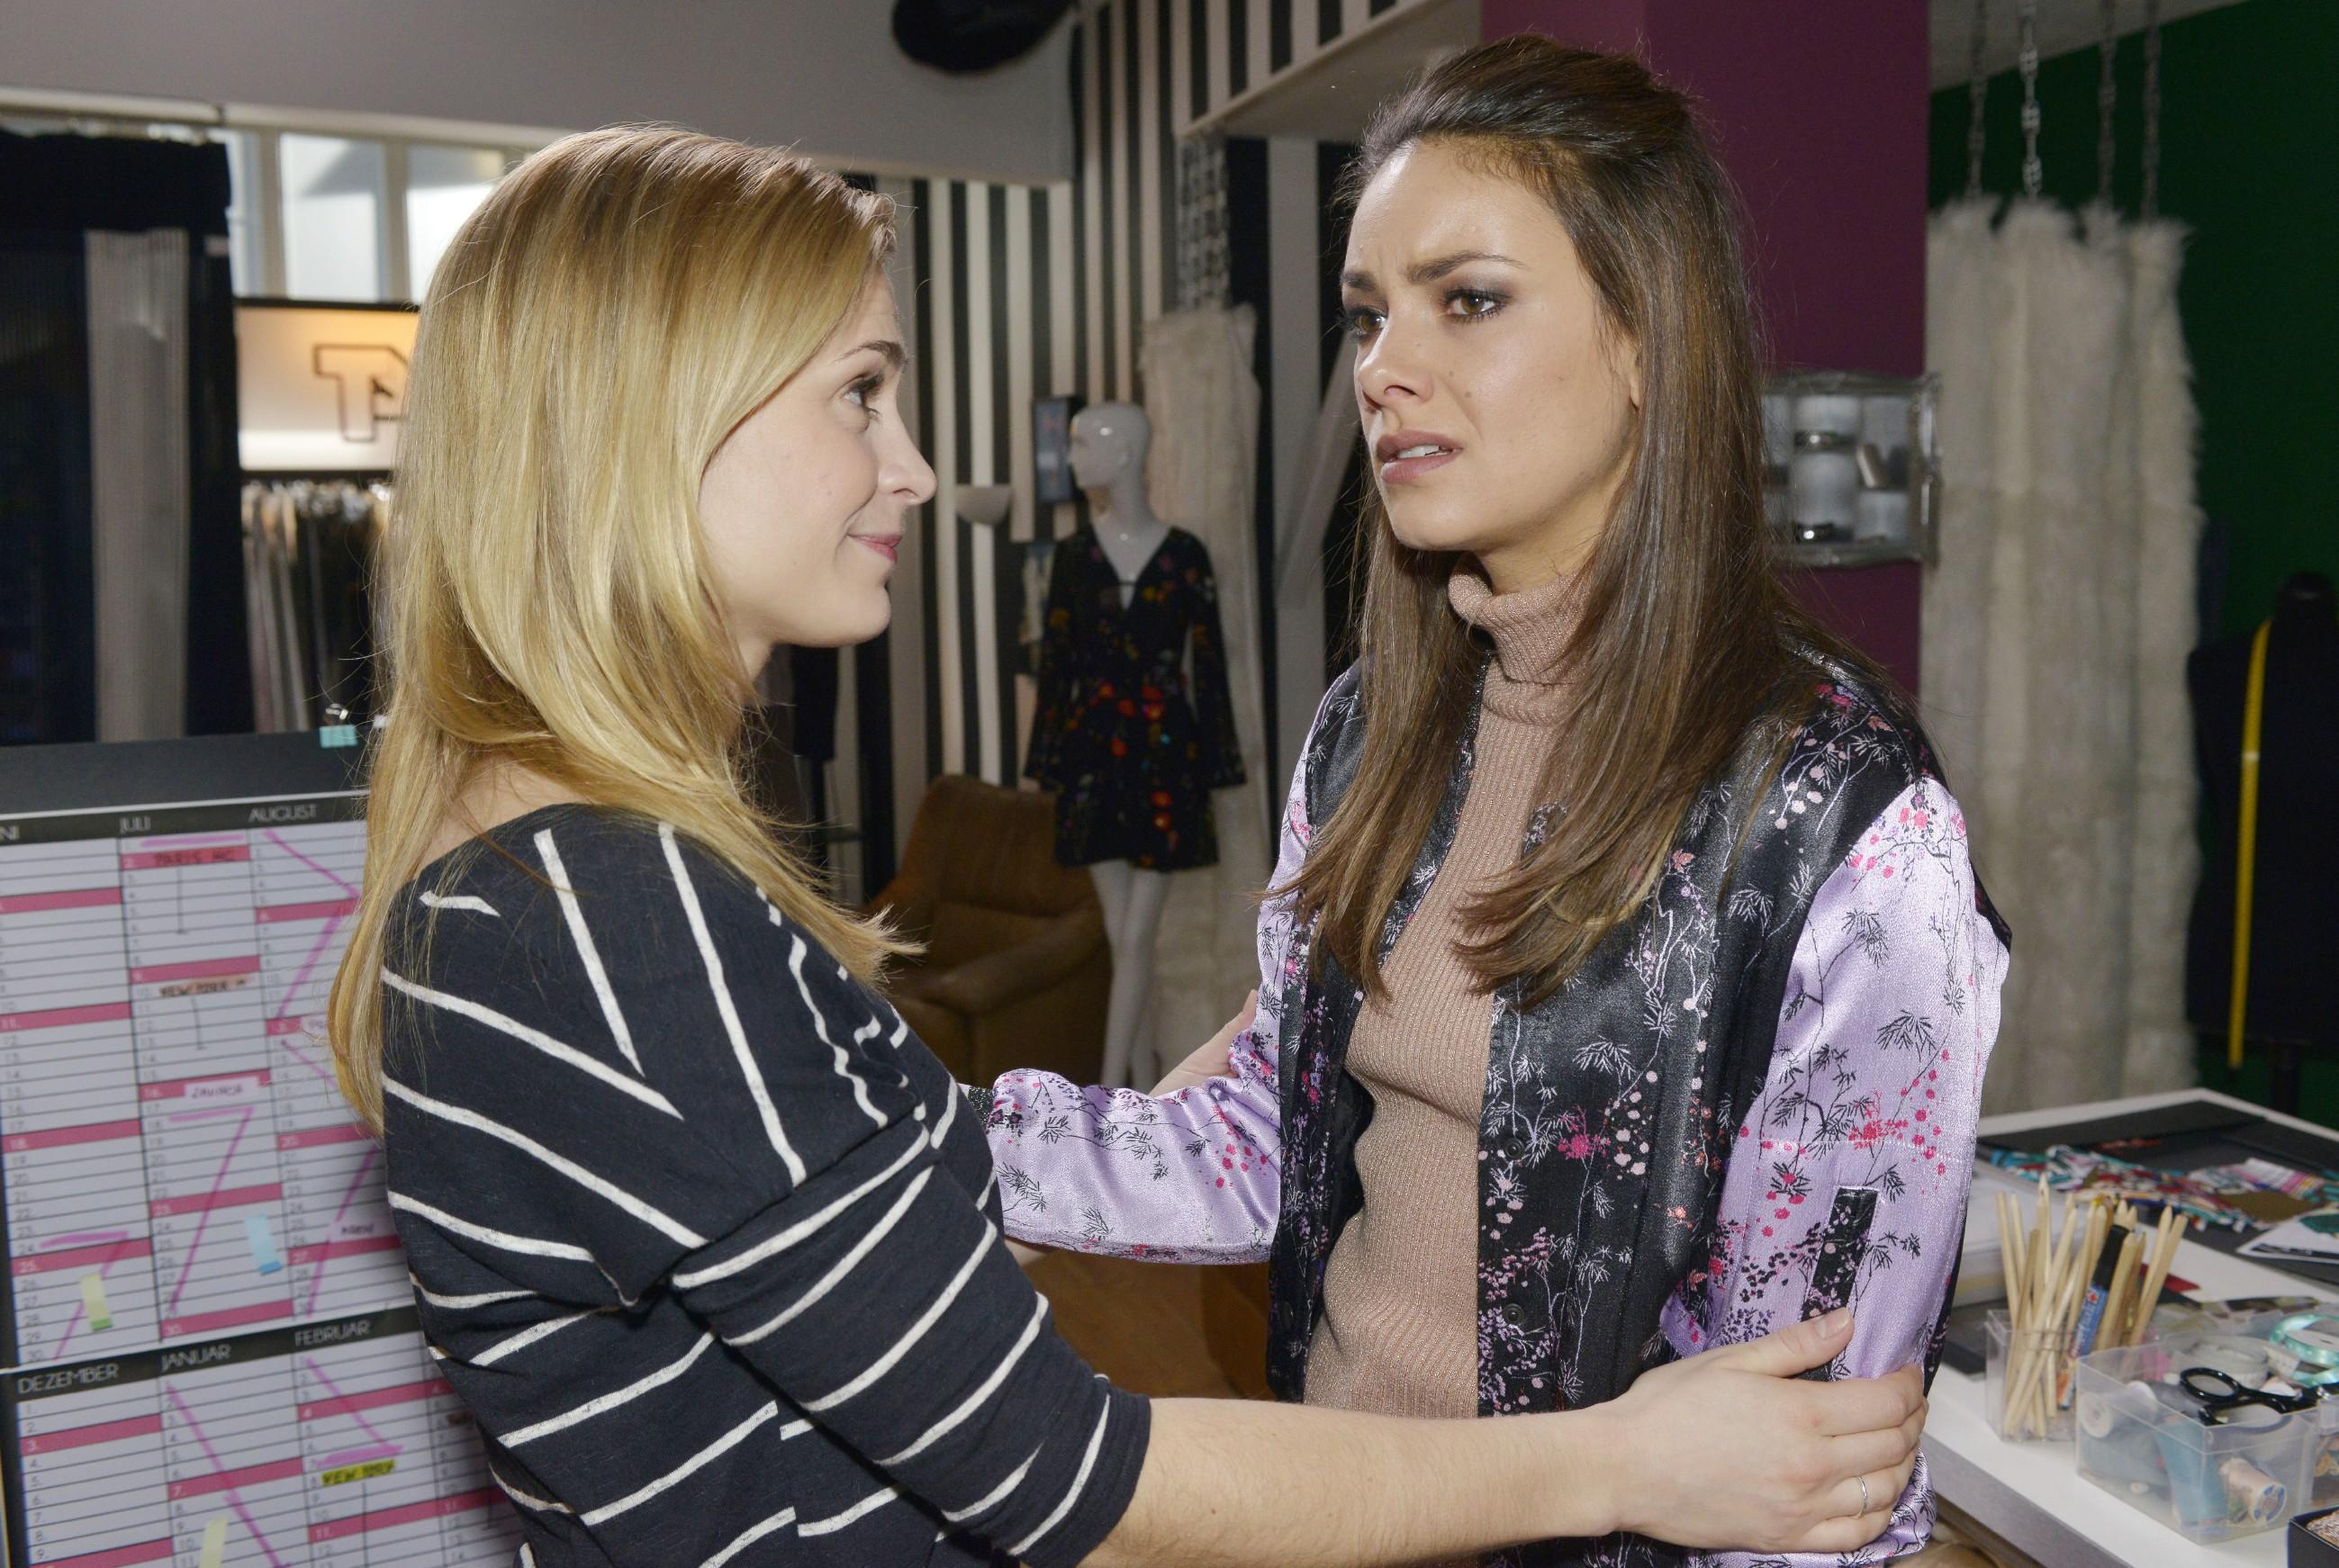 Sophie (Lea Marlen Woitack, l.) spürt, dass Jasmin (Janina Uhse) das Jobangebot sehr wichtig ist. Doch nun muss sie eine Entscheidung treffen... (Quelle: RTL / Rolf Baumgartner)